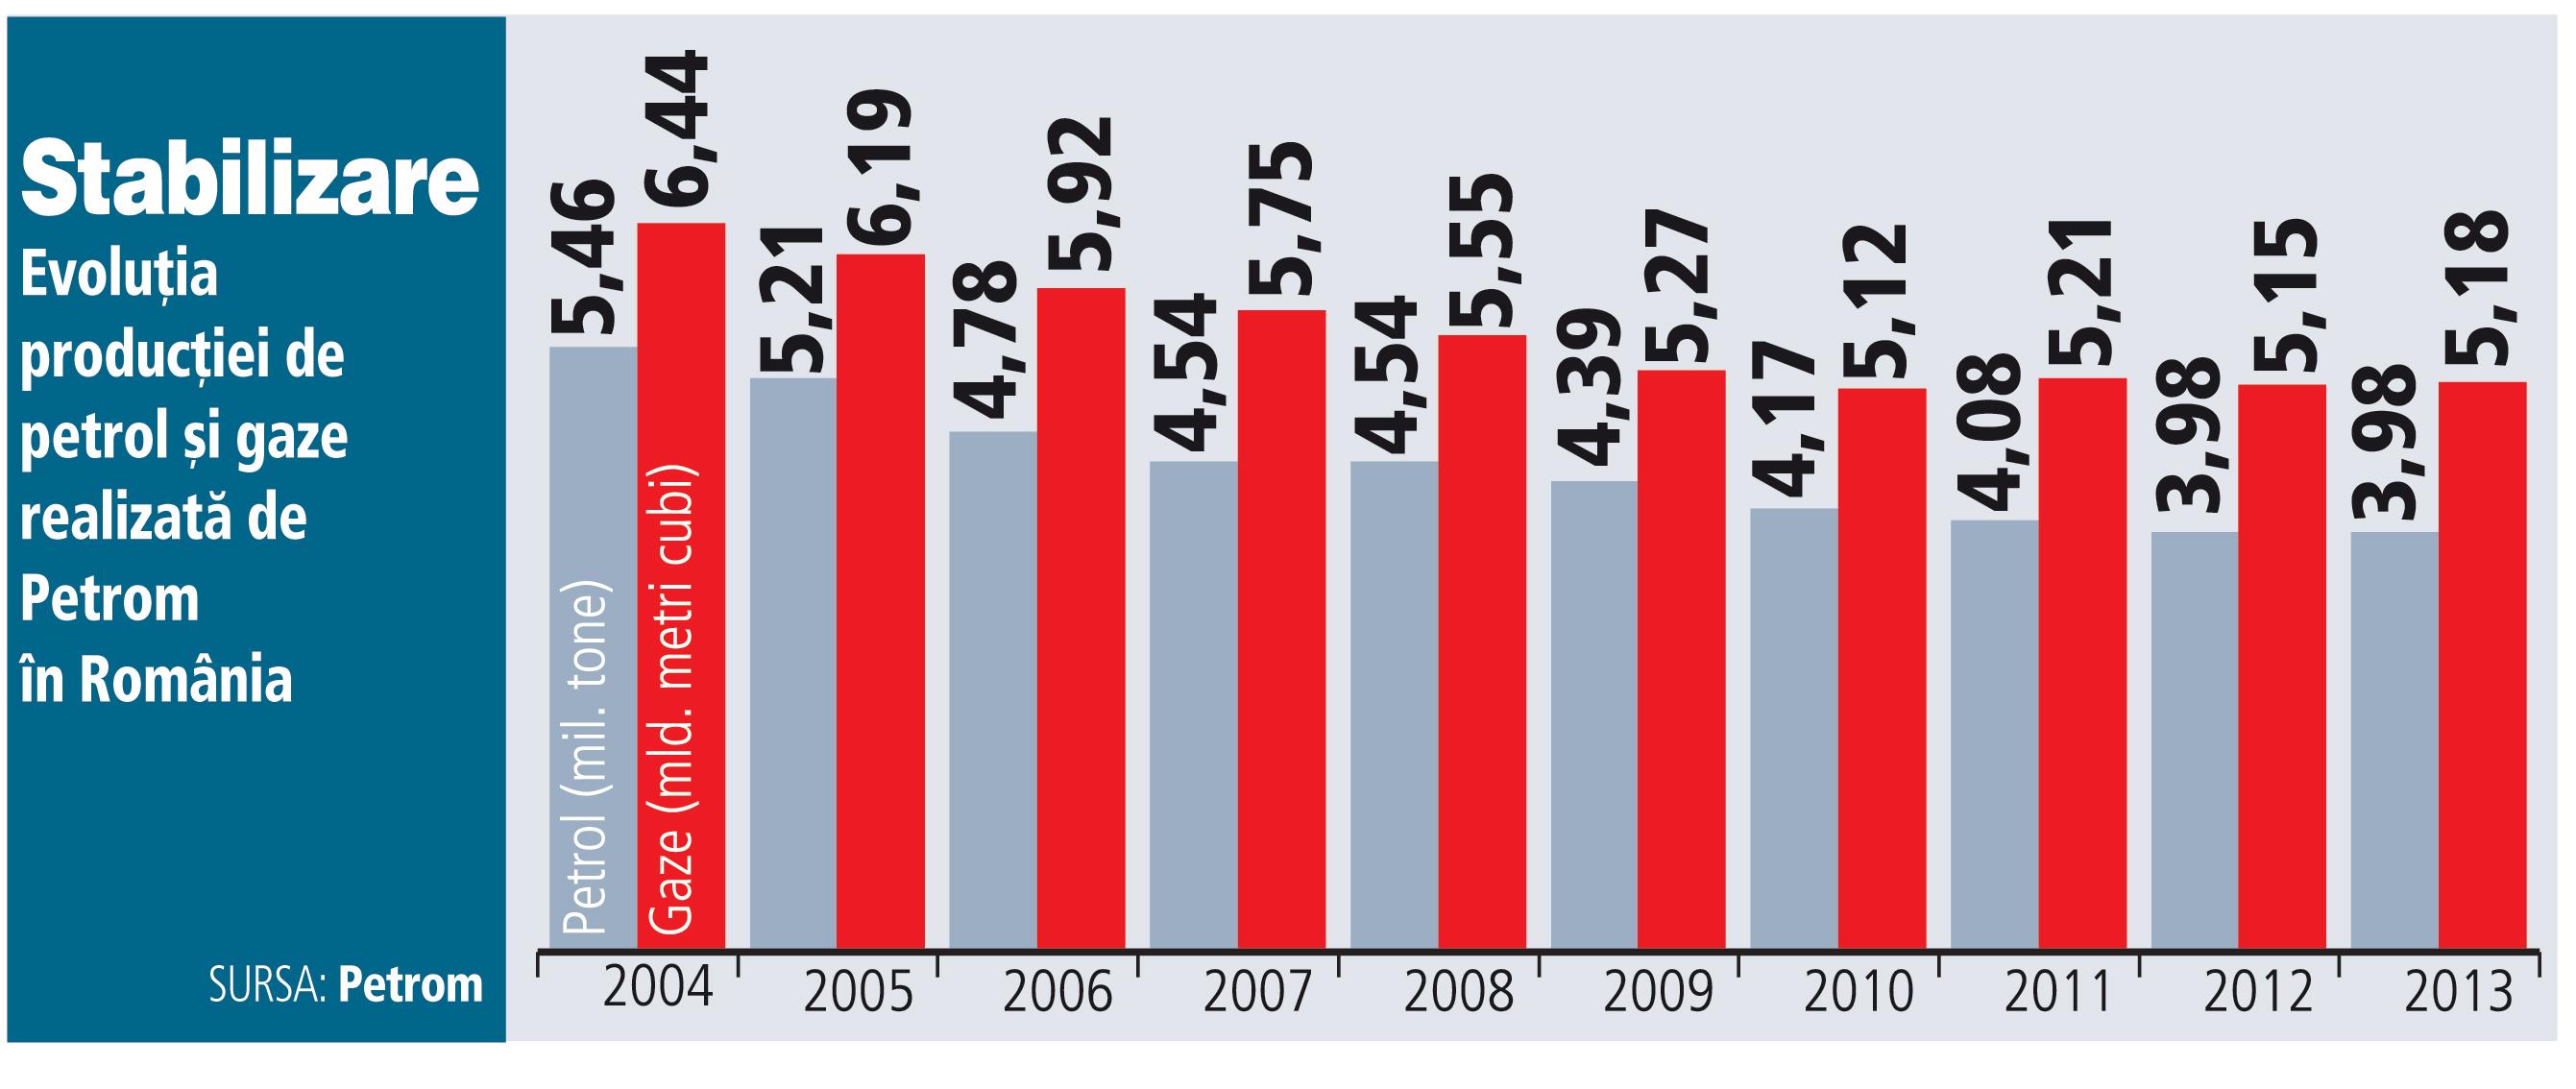 Evoluţia producţiei de petrol şi gaze realizată de Petrom în România (2004-2013)